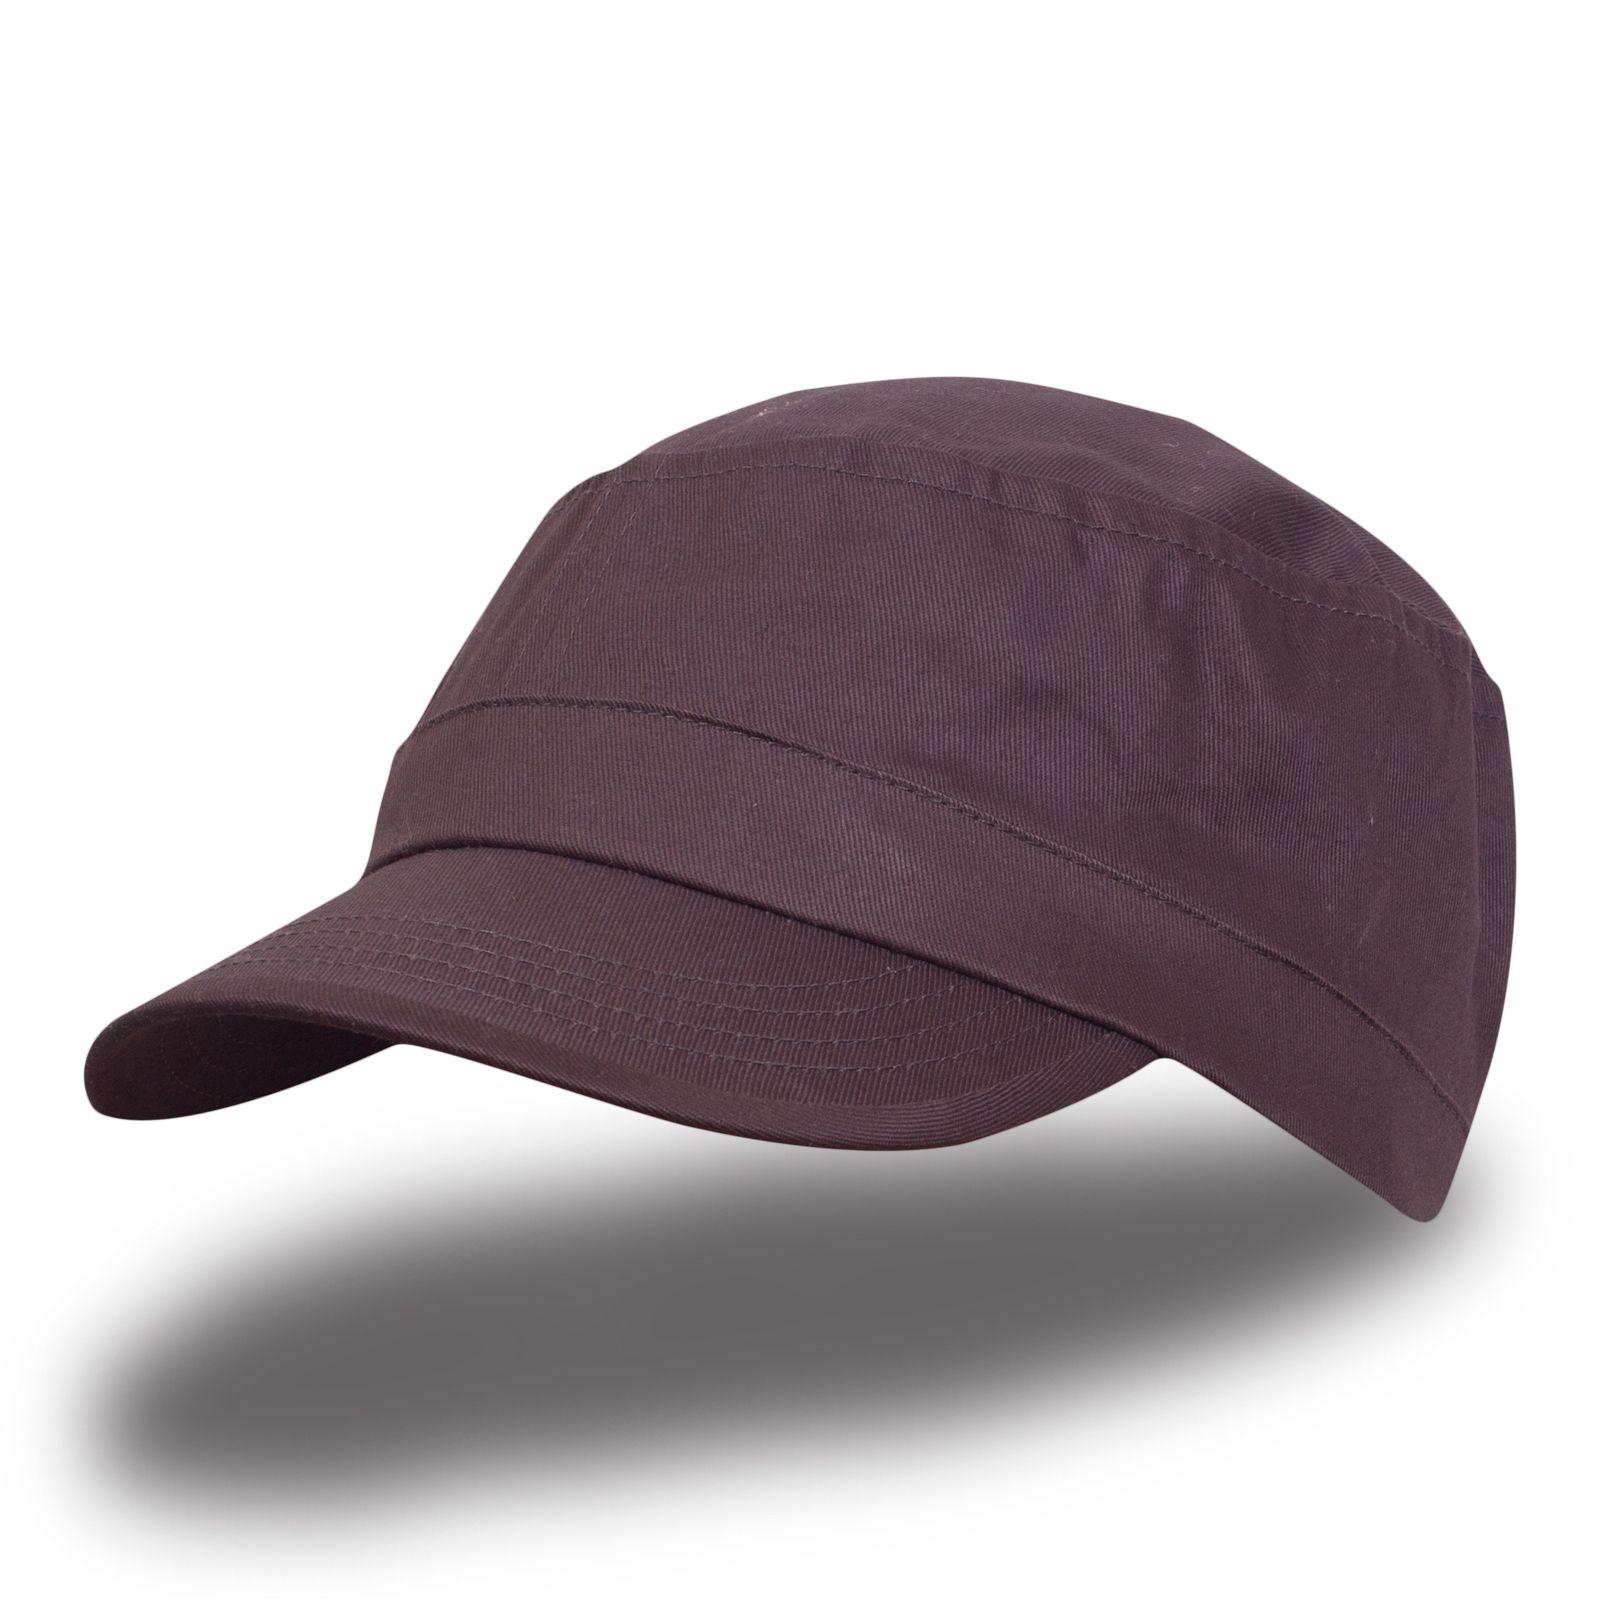 Бордовая кепка - купить в интернет-магазине с доставкой